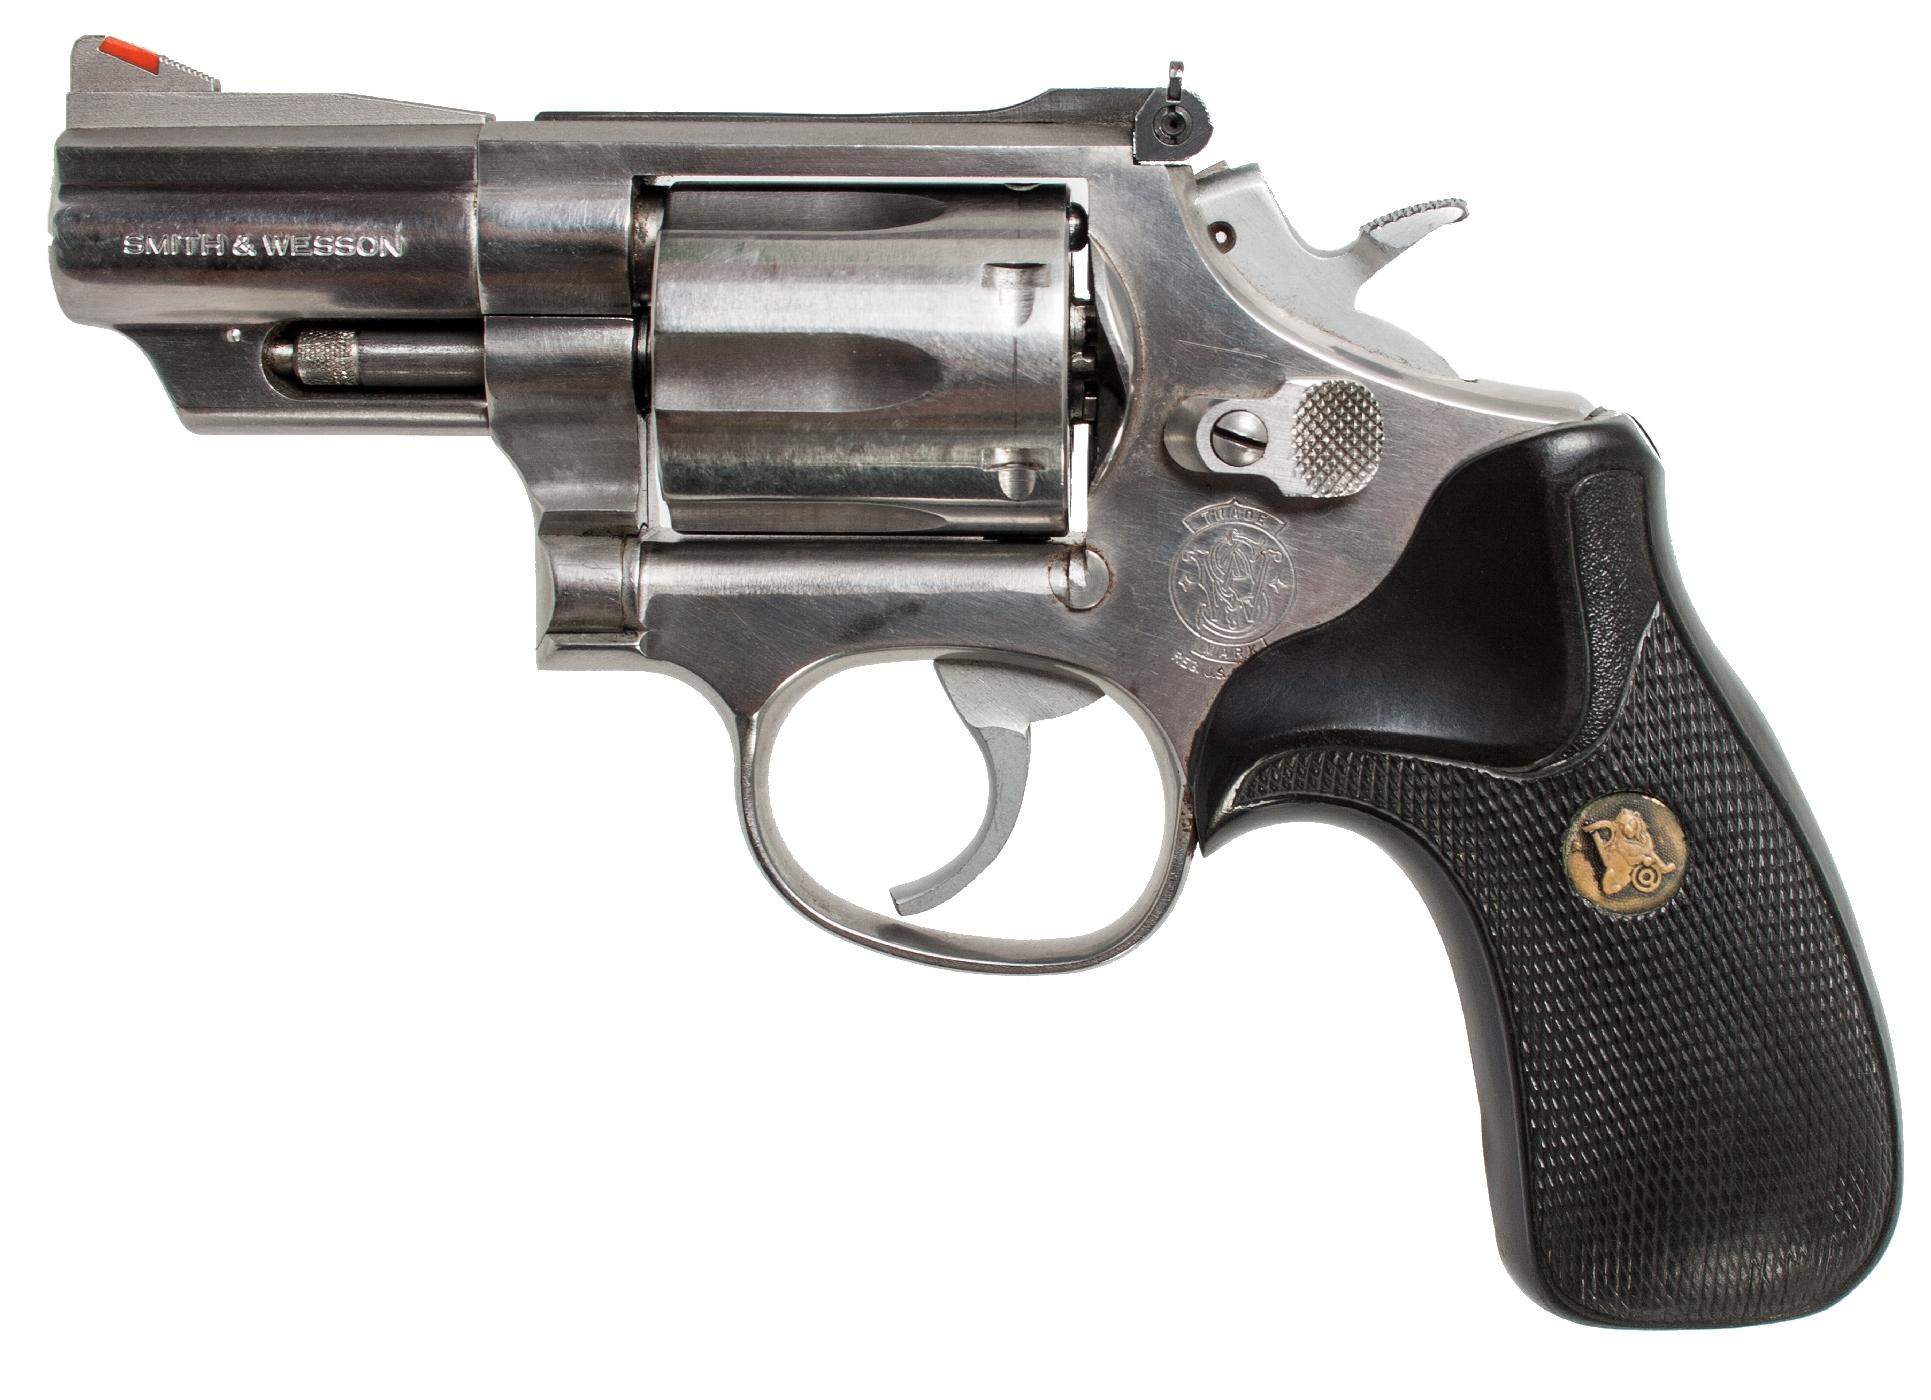 Cet autre exemplaire de S&W modèle 66-3 à canon de 2 pouces ½ est muni quant à lui de plaquettes Pachmayr en néoprène.